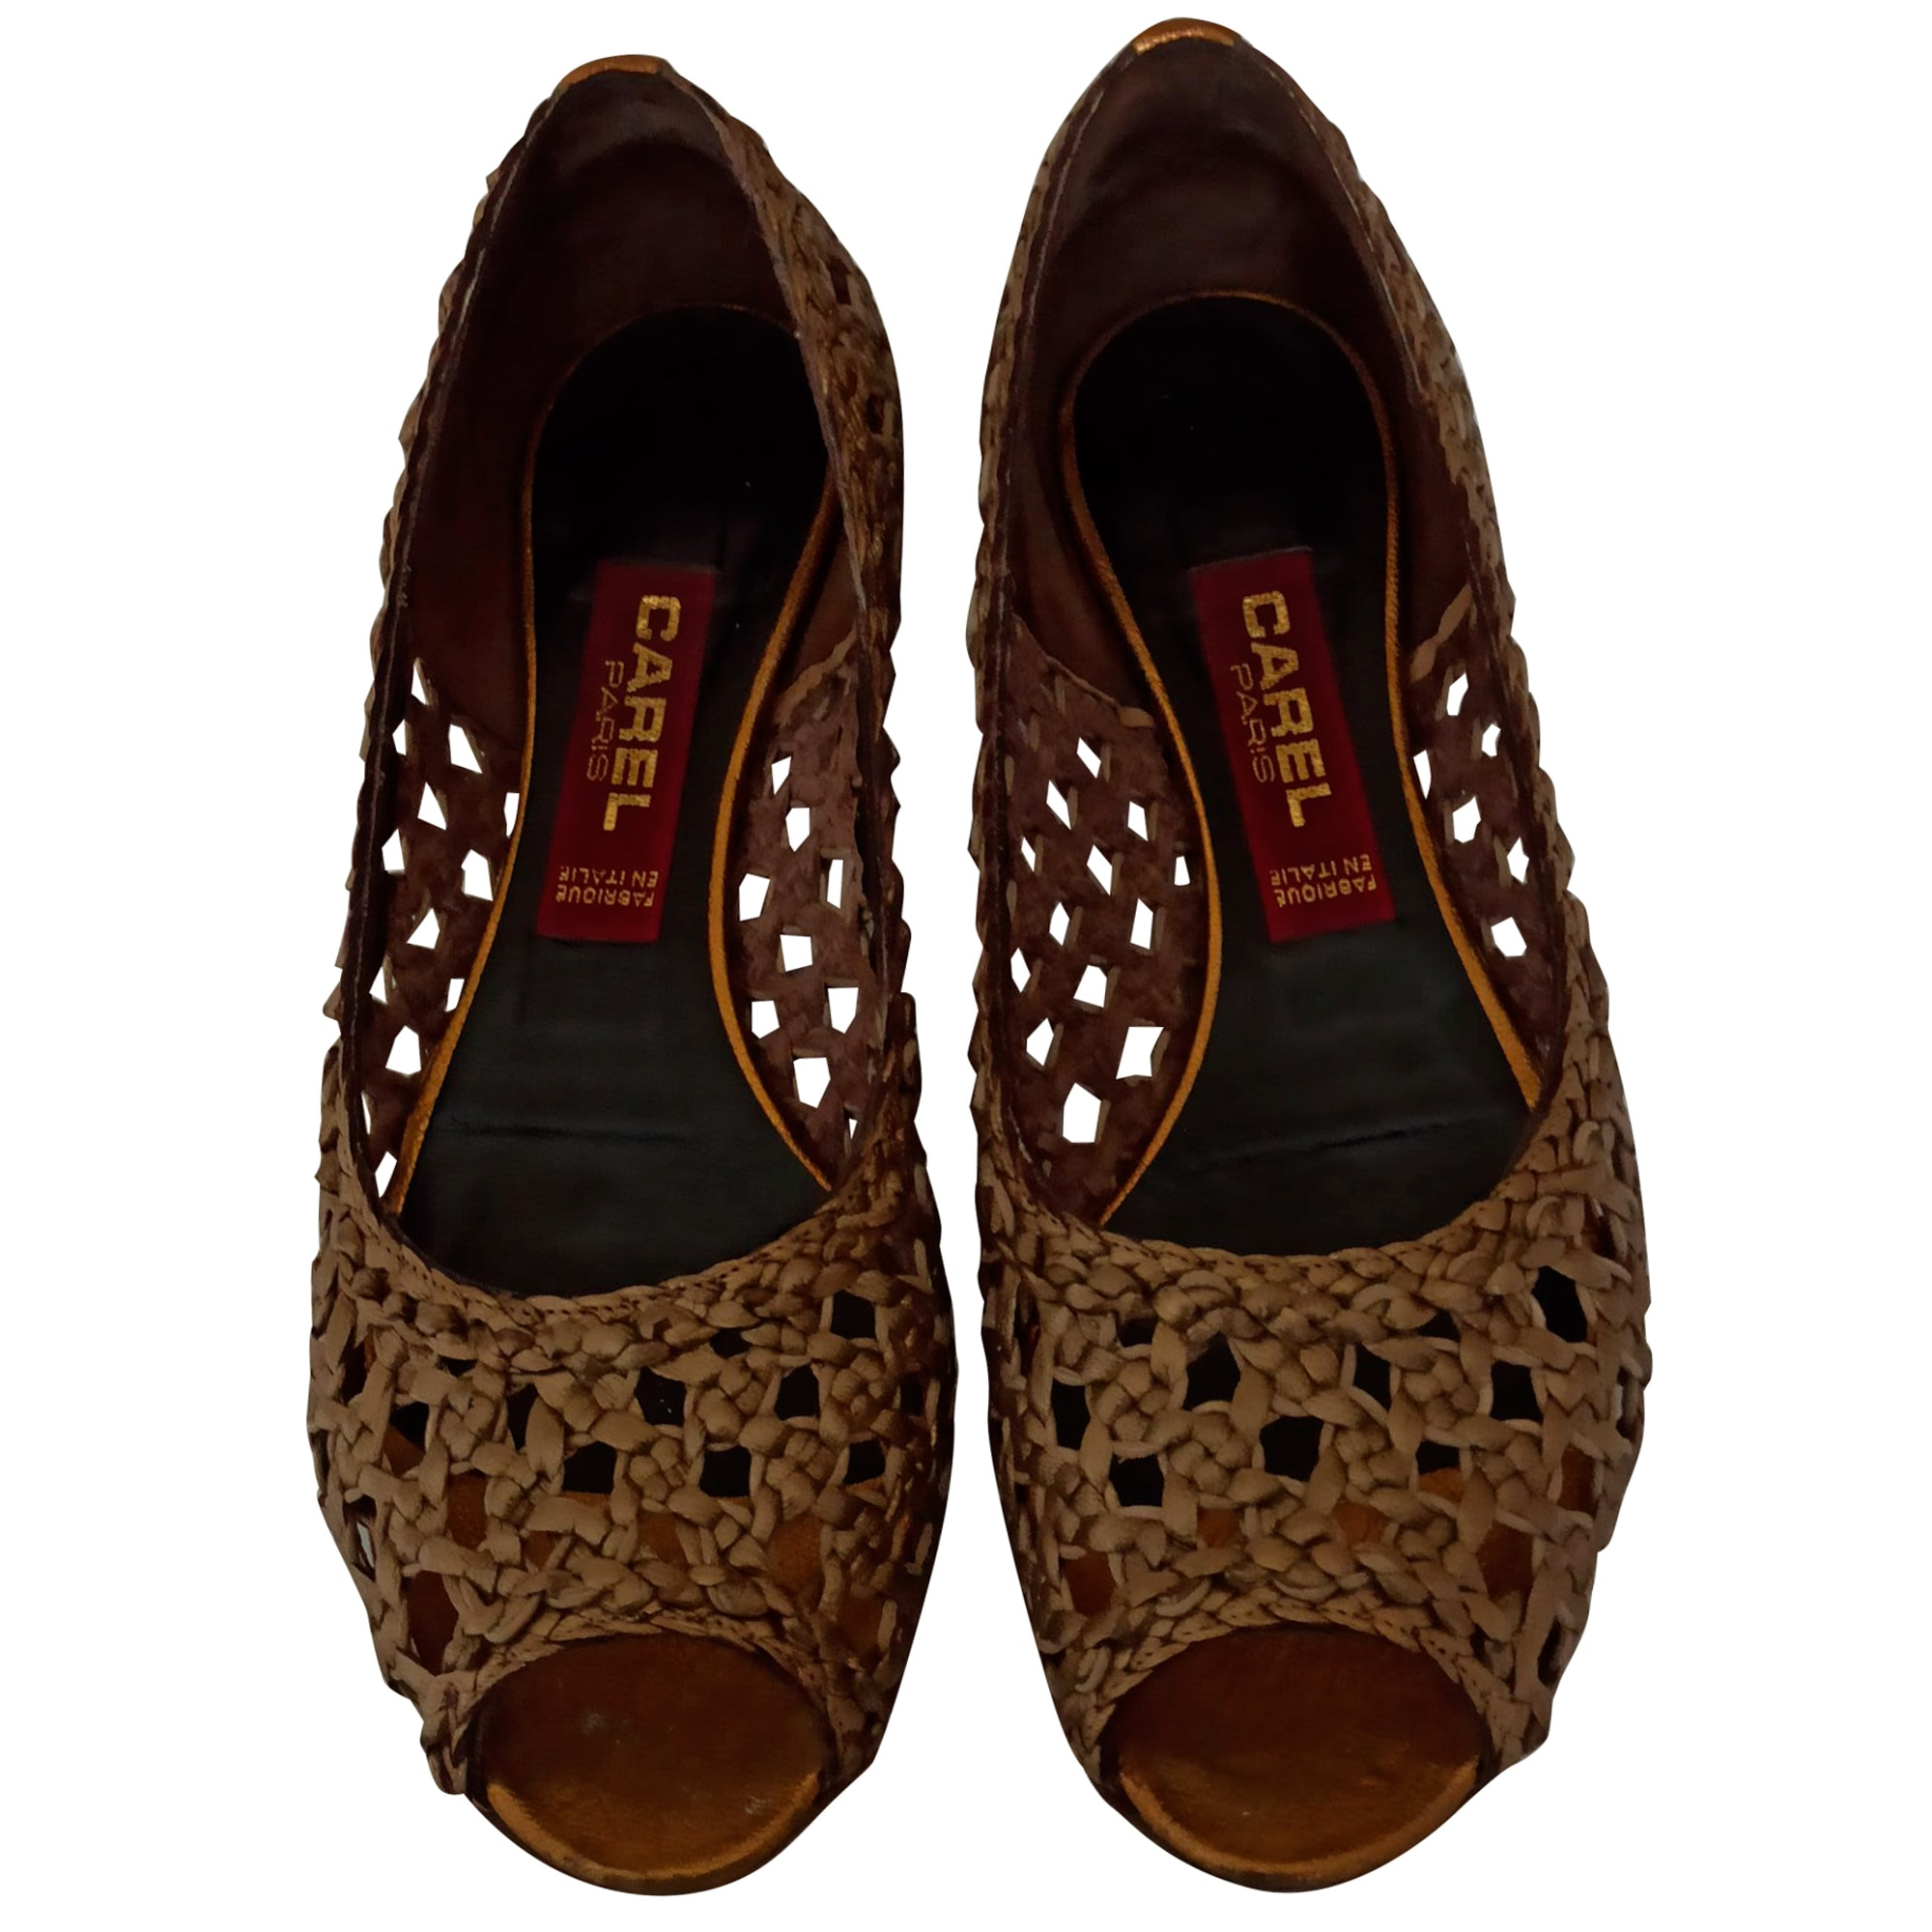 Sandales plates  CAREL Doré, bronze, cuivre